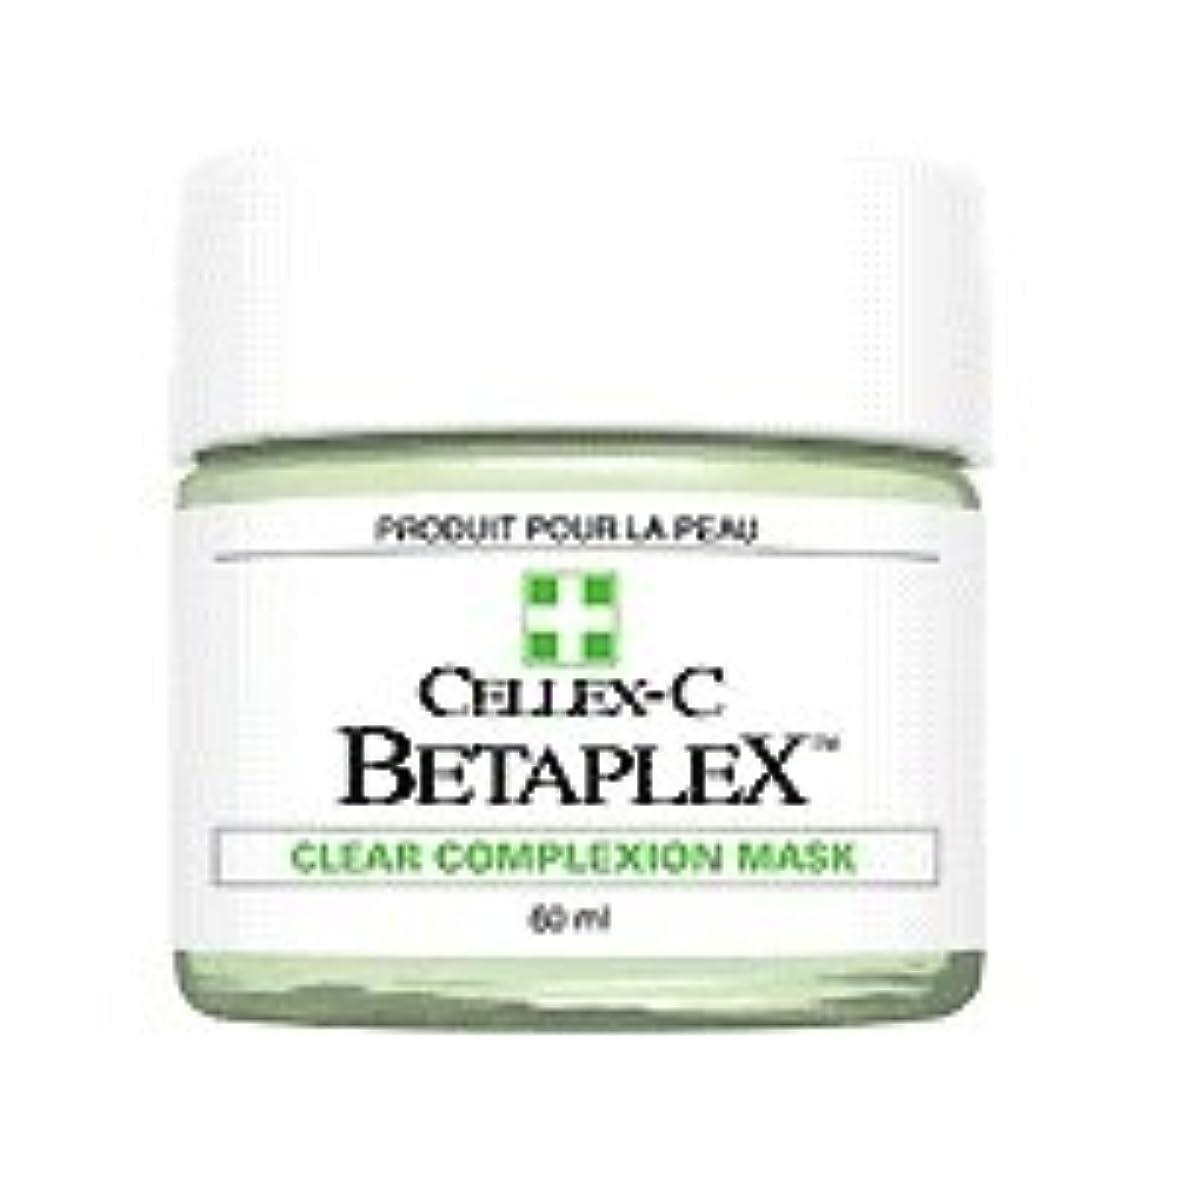 クレタ最初臭いセレックスC Betaplex クリアコンプレクションマスク60ml 60ml